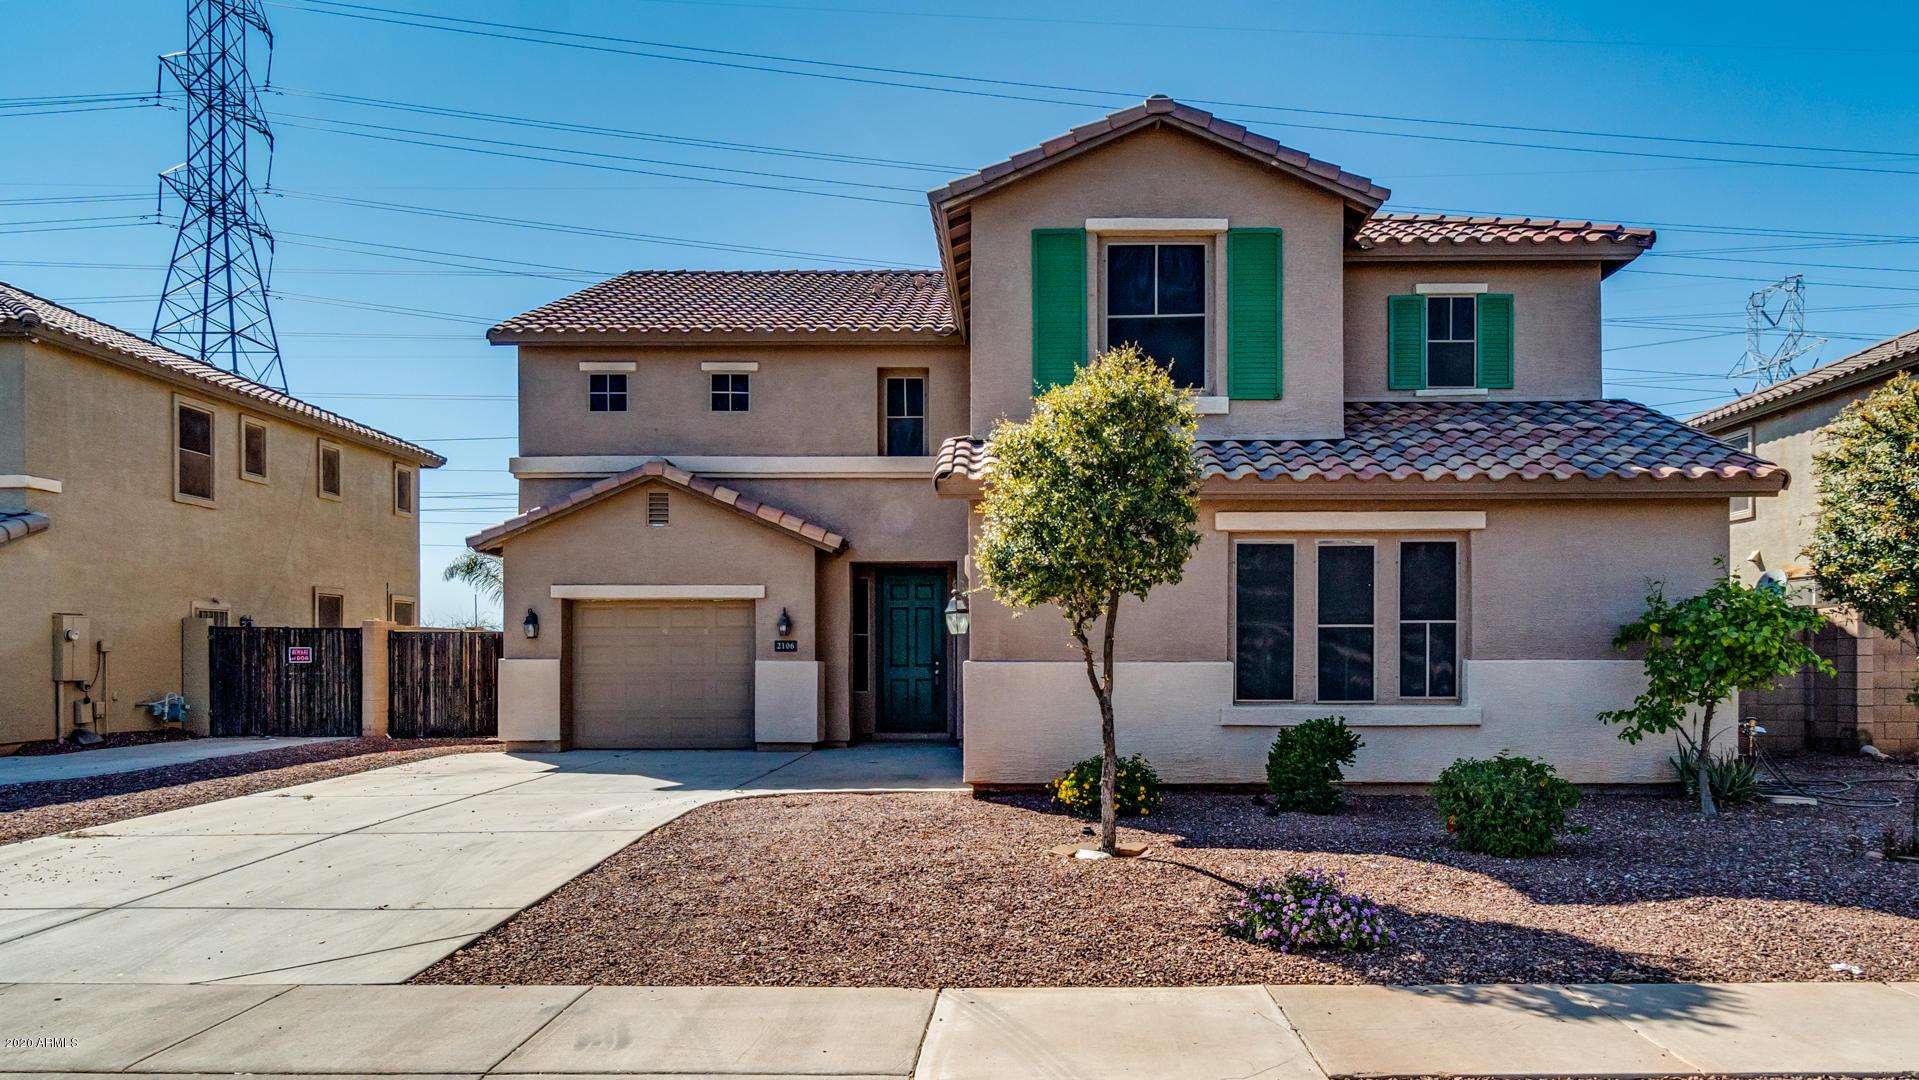 MLS 6086476 Avondale Metro Area, Avondale, AZ 85392 Avondale Homes for Rent